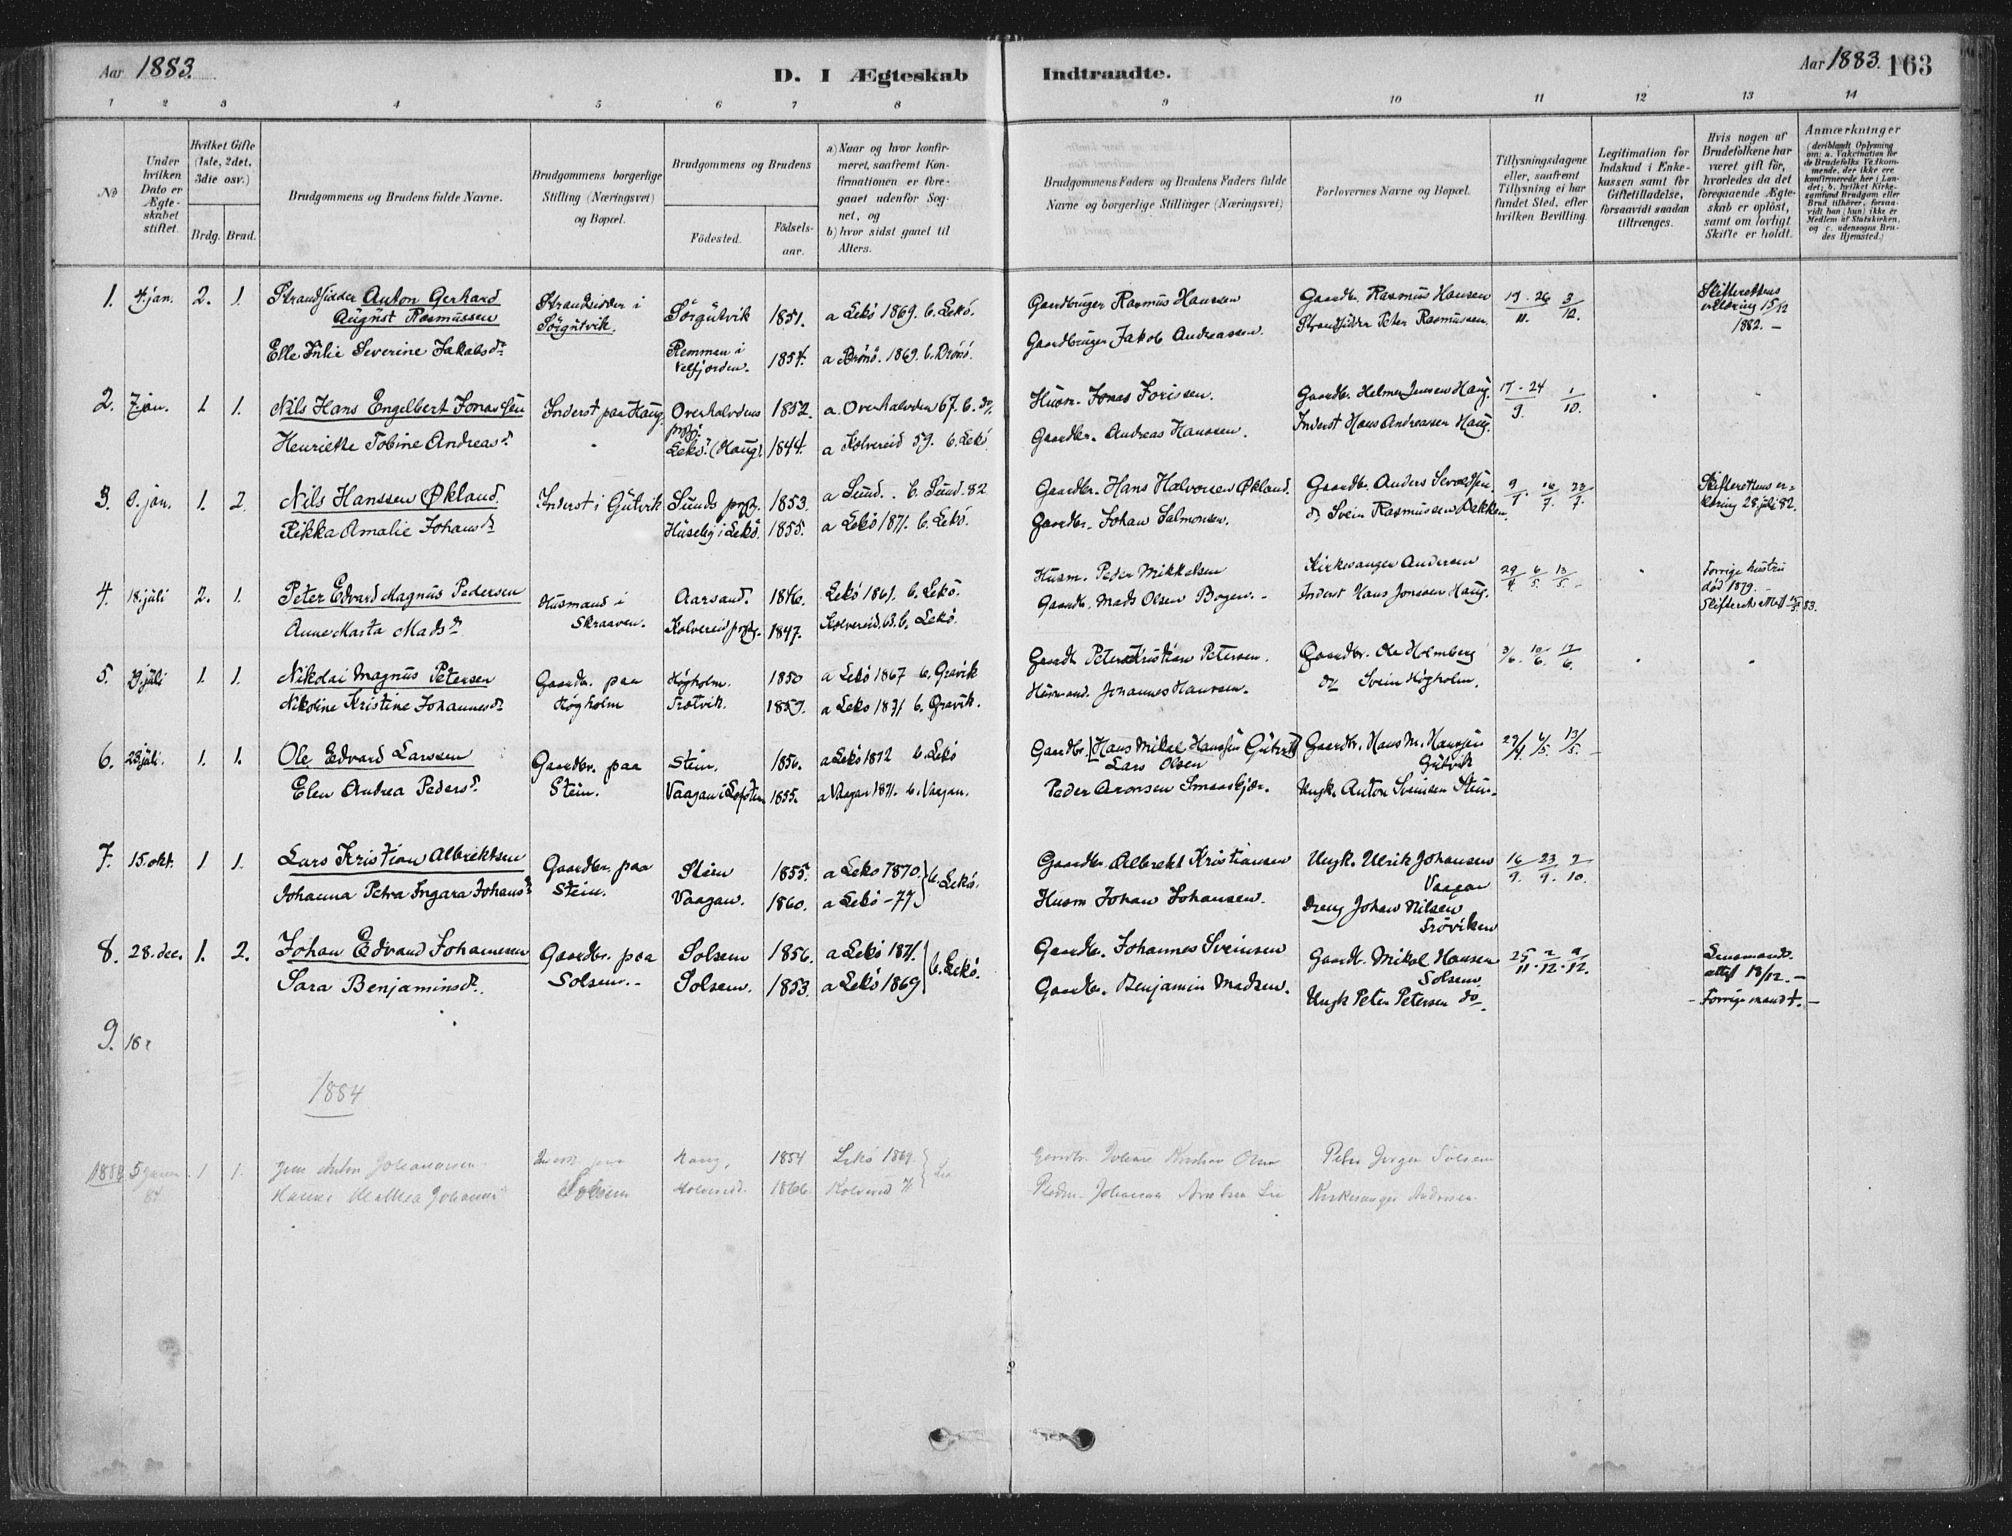 SAT, Ministerialprotokoller, klokkerbøker og fødselsregistre - Nord-Trøndelag, 788/L0697: Ministerialbok nr. 788A04, 1878-1902, s. 163